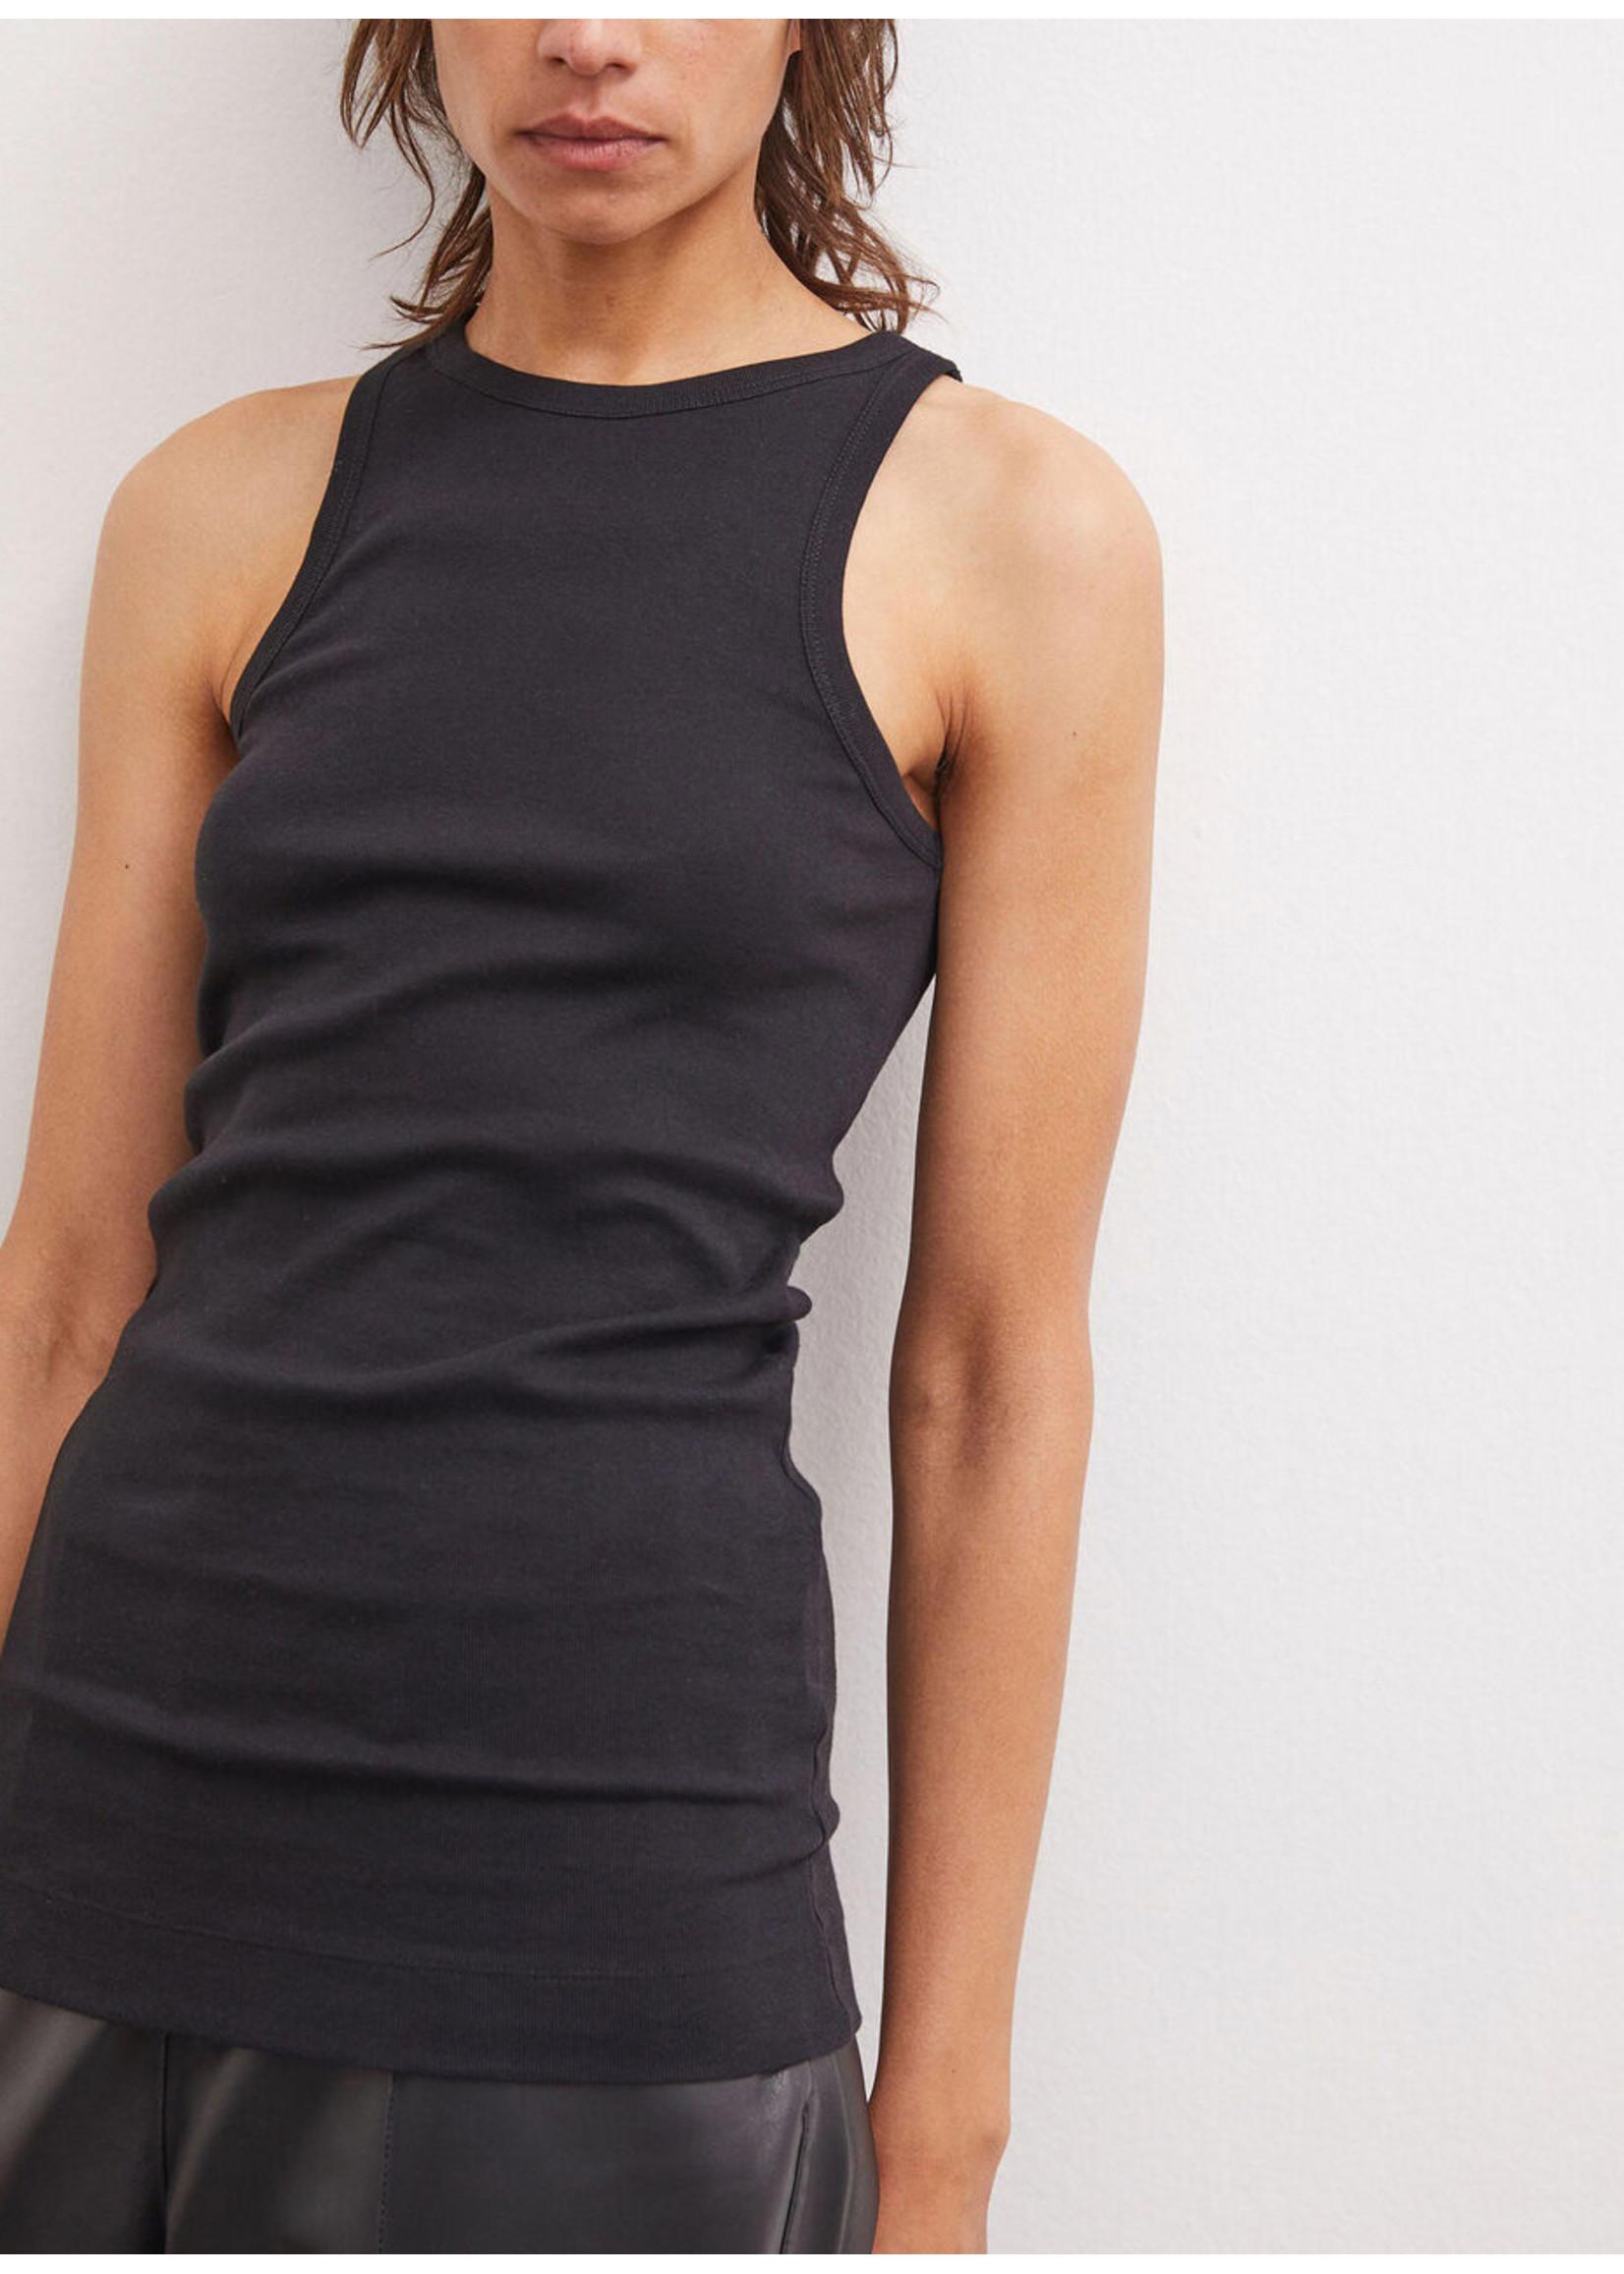 Malene Birger Amiee tshirt black